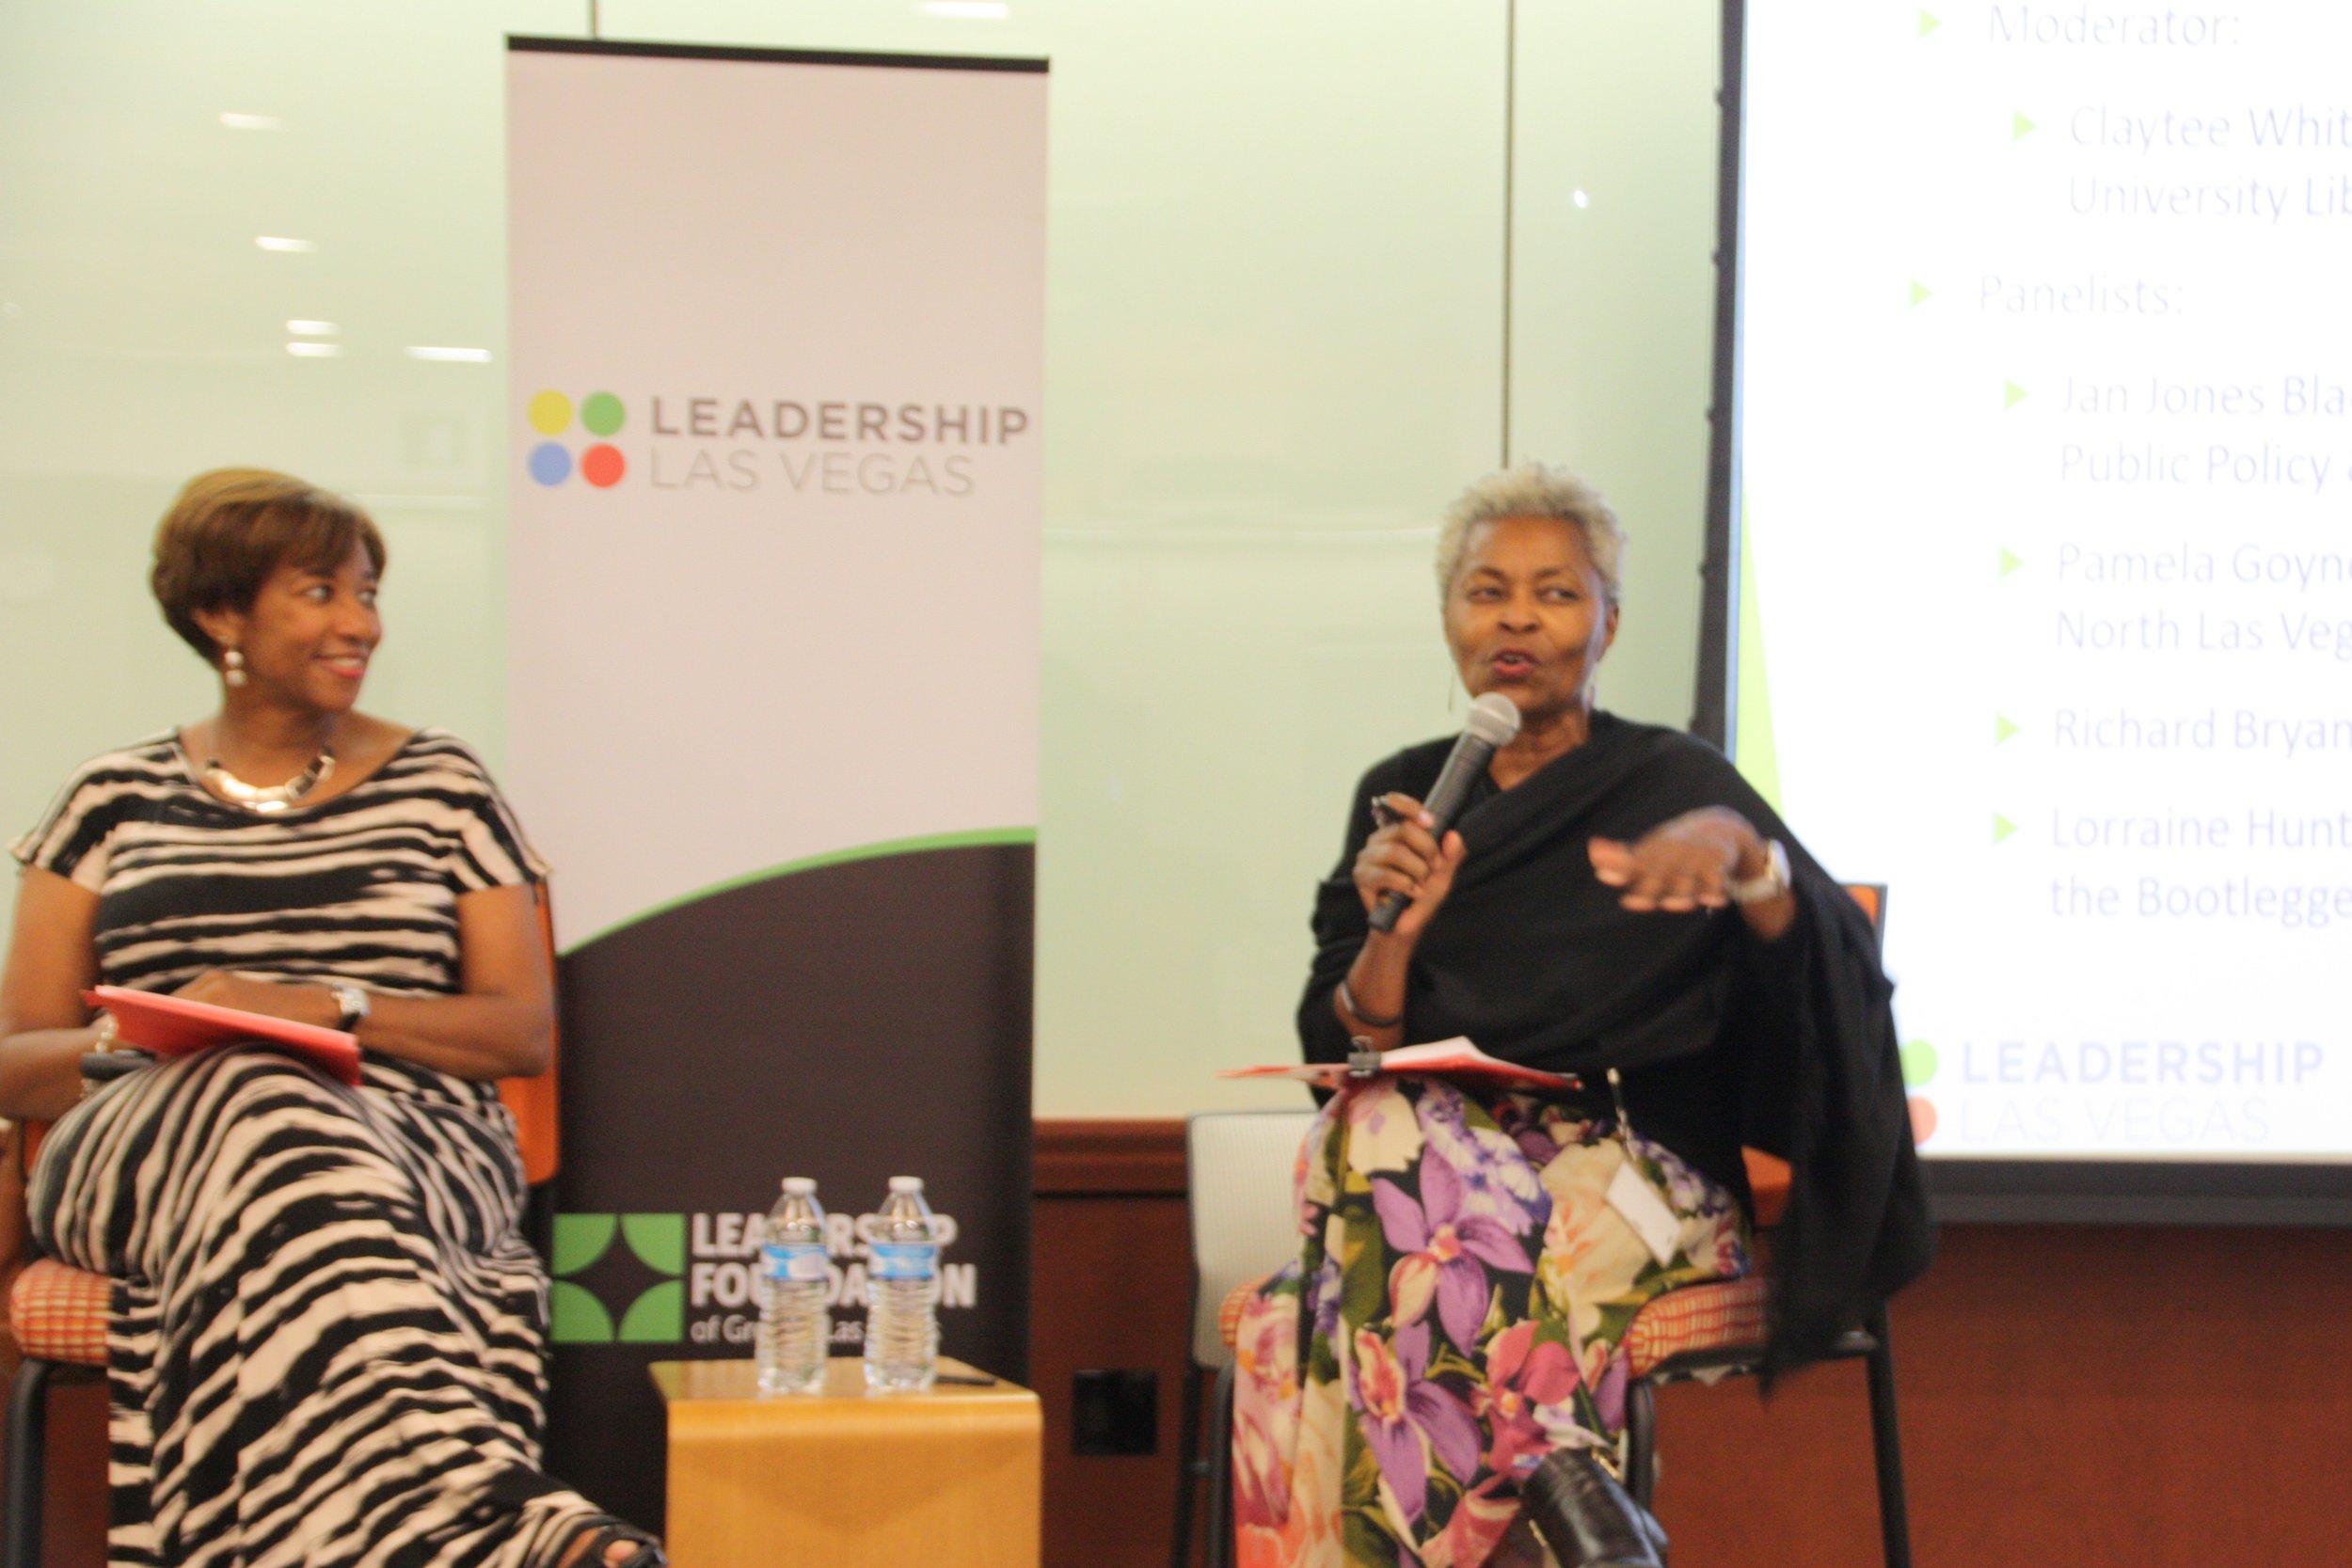 Leadership_Las_Vegas_2.jpg